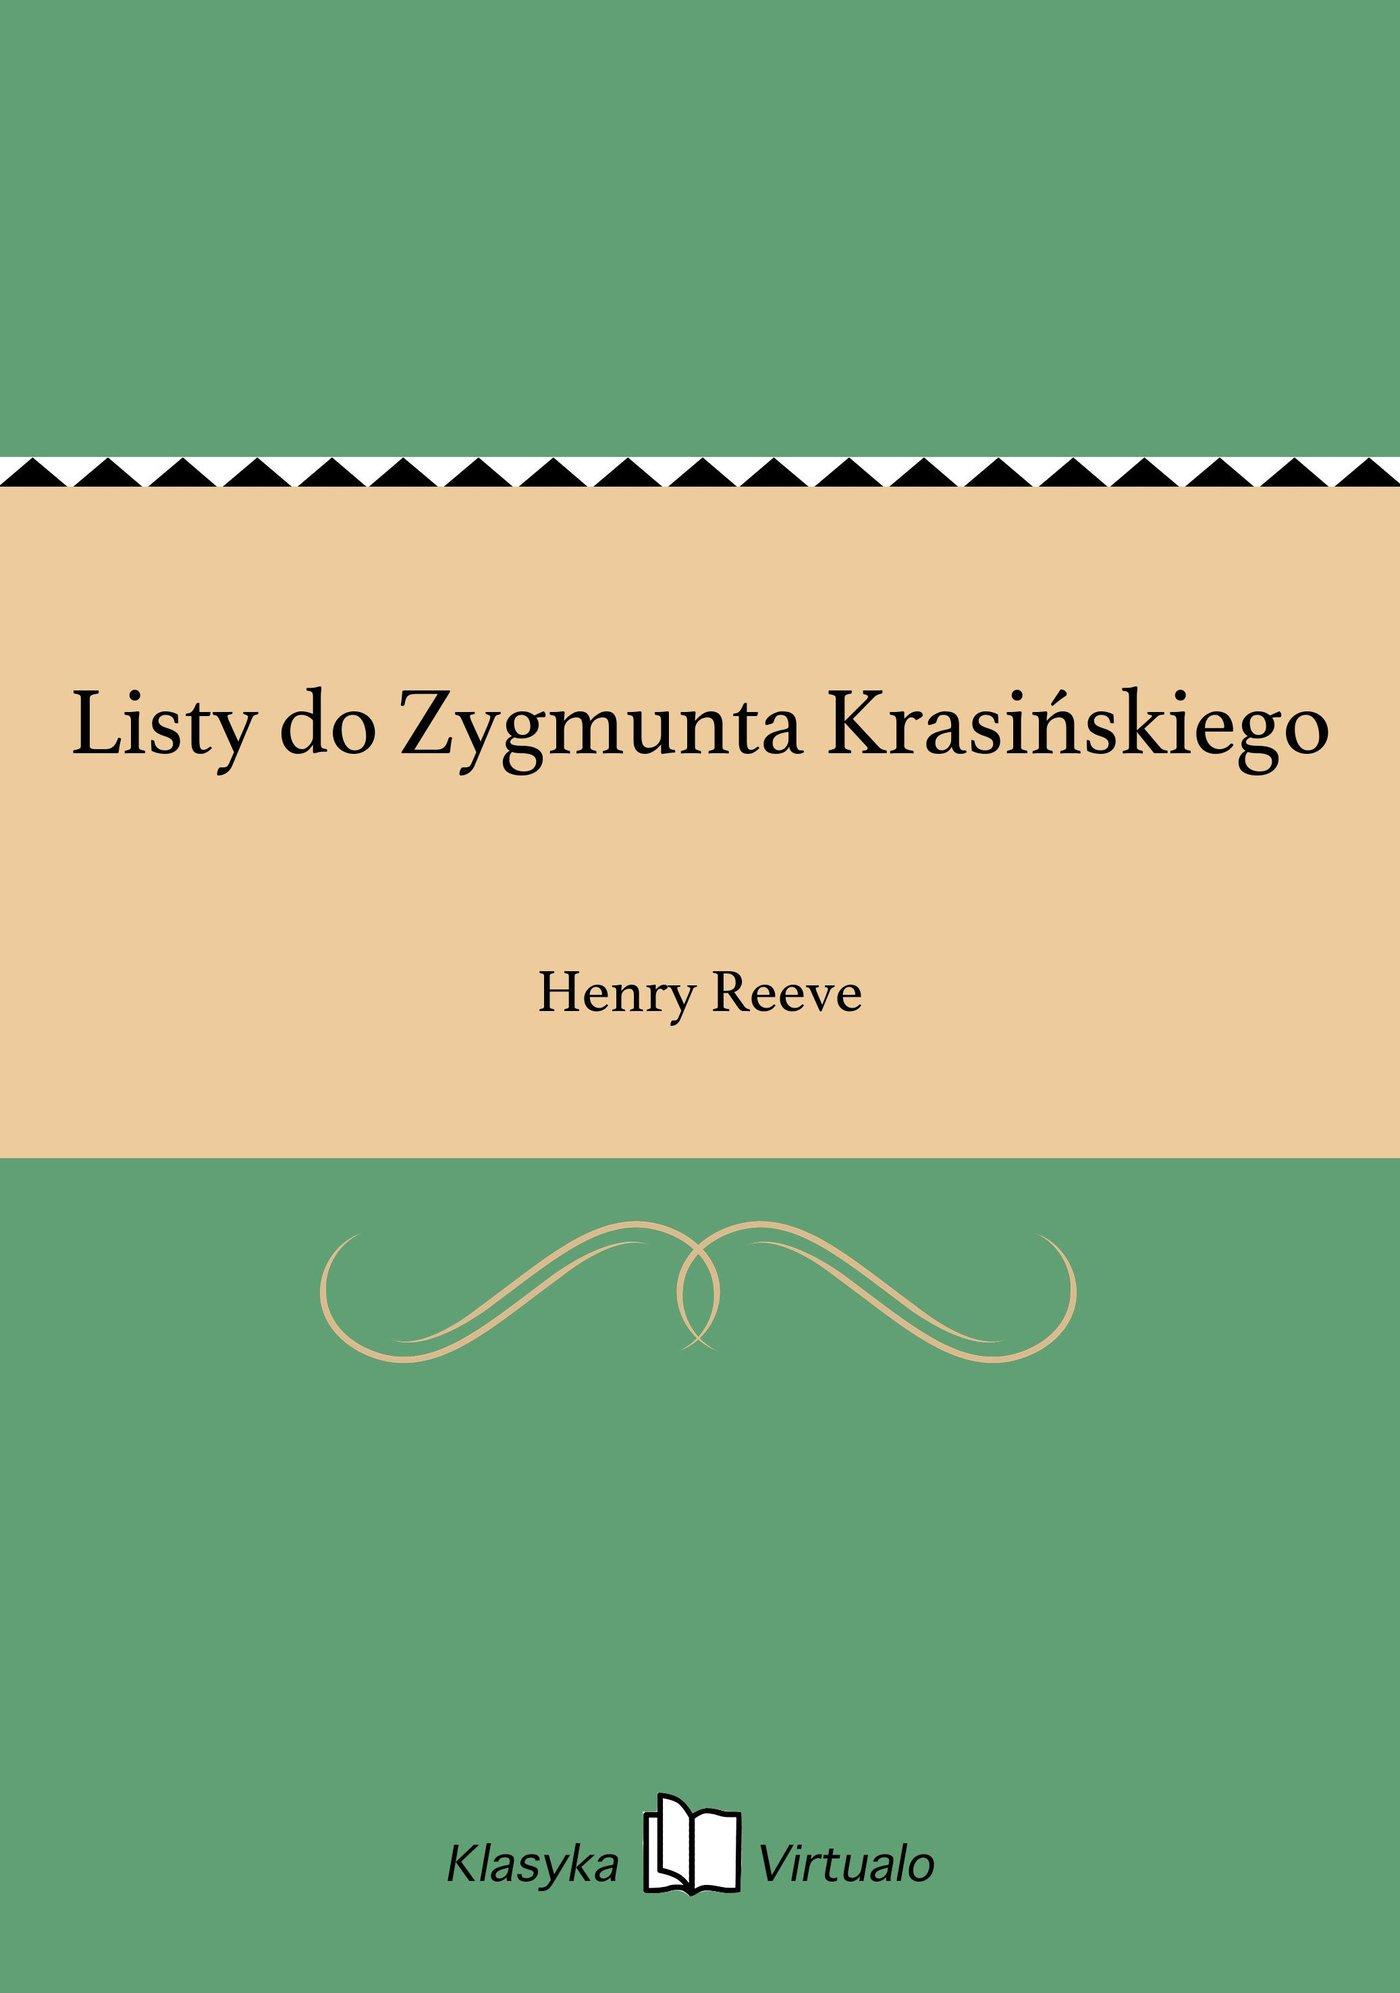 Listy do Zygmunta Krasińskiego - Ebook (Książka EPUB) do pobrania w formacie EPUB